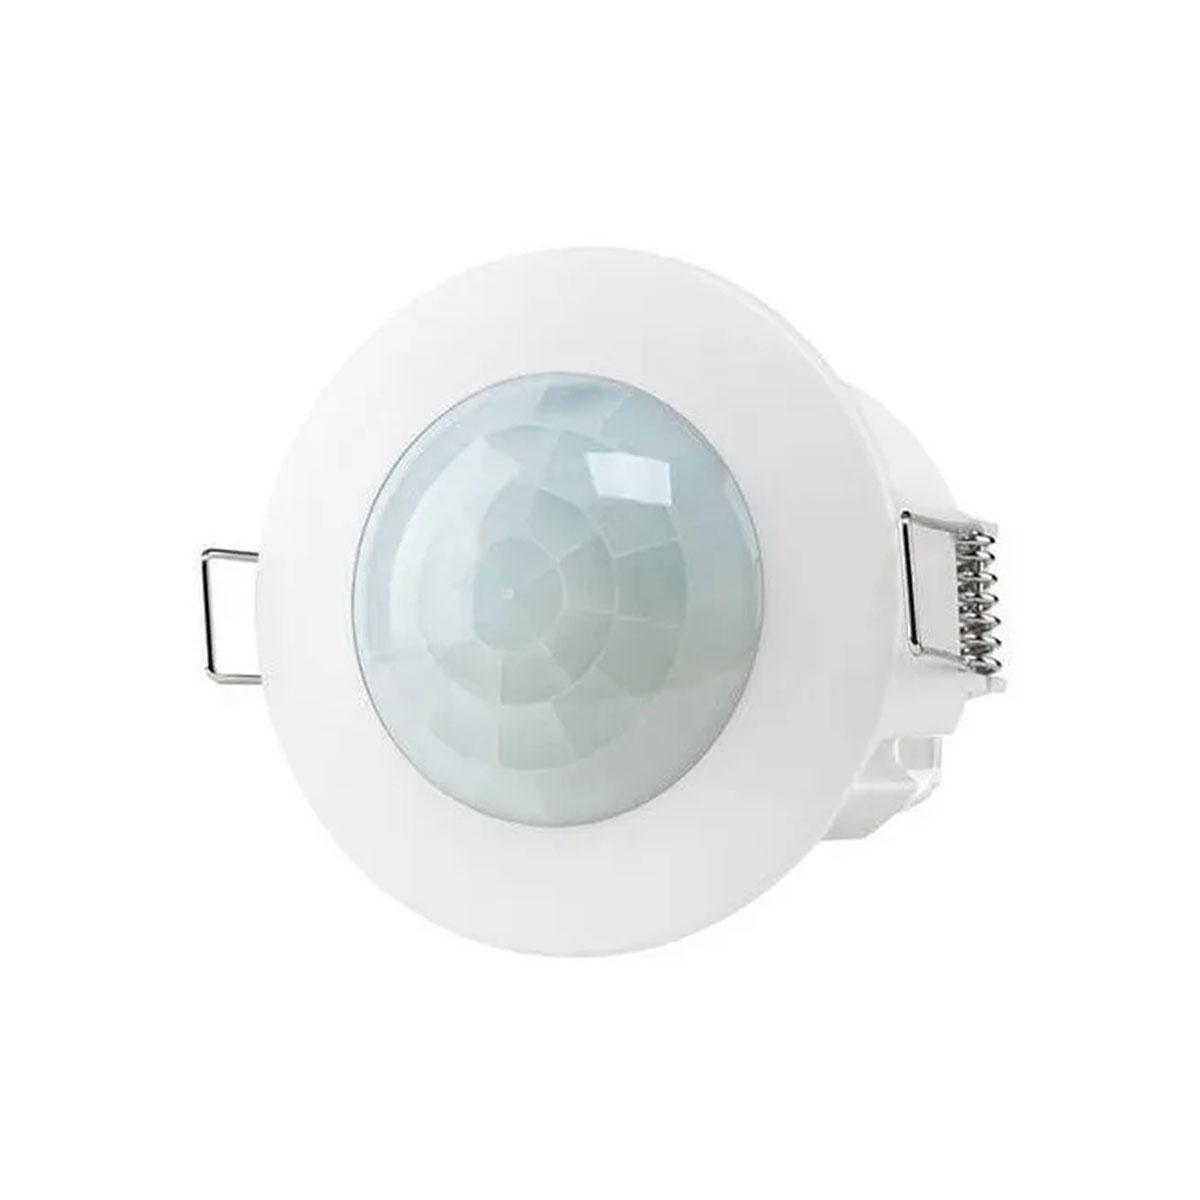 Kit 06 Interruptor Intelbras Presença e Iluminação Esp 360 E